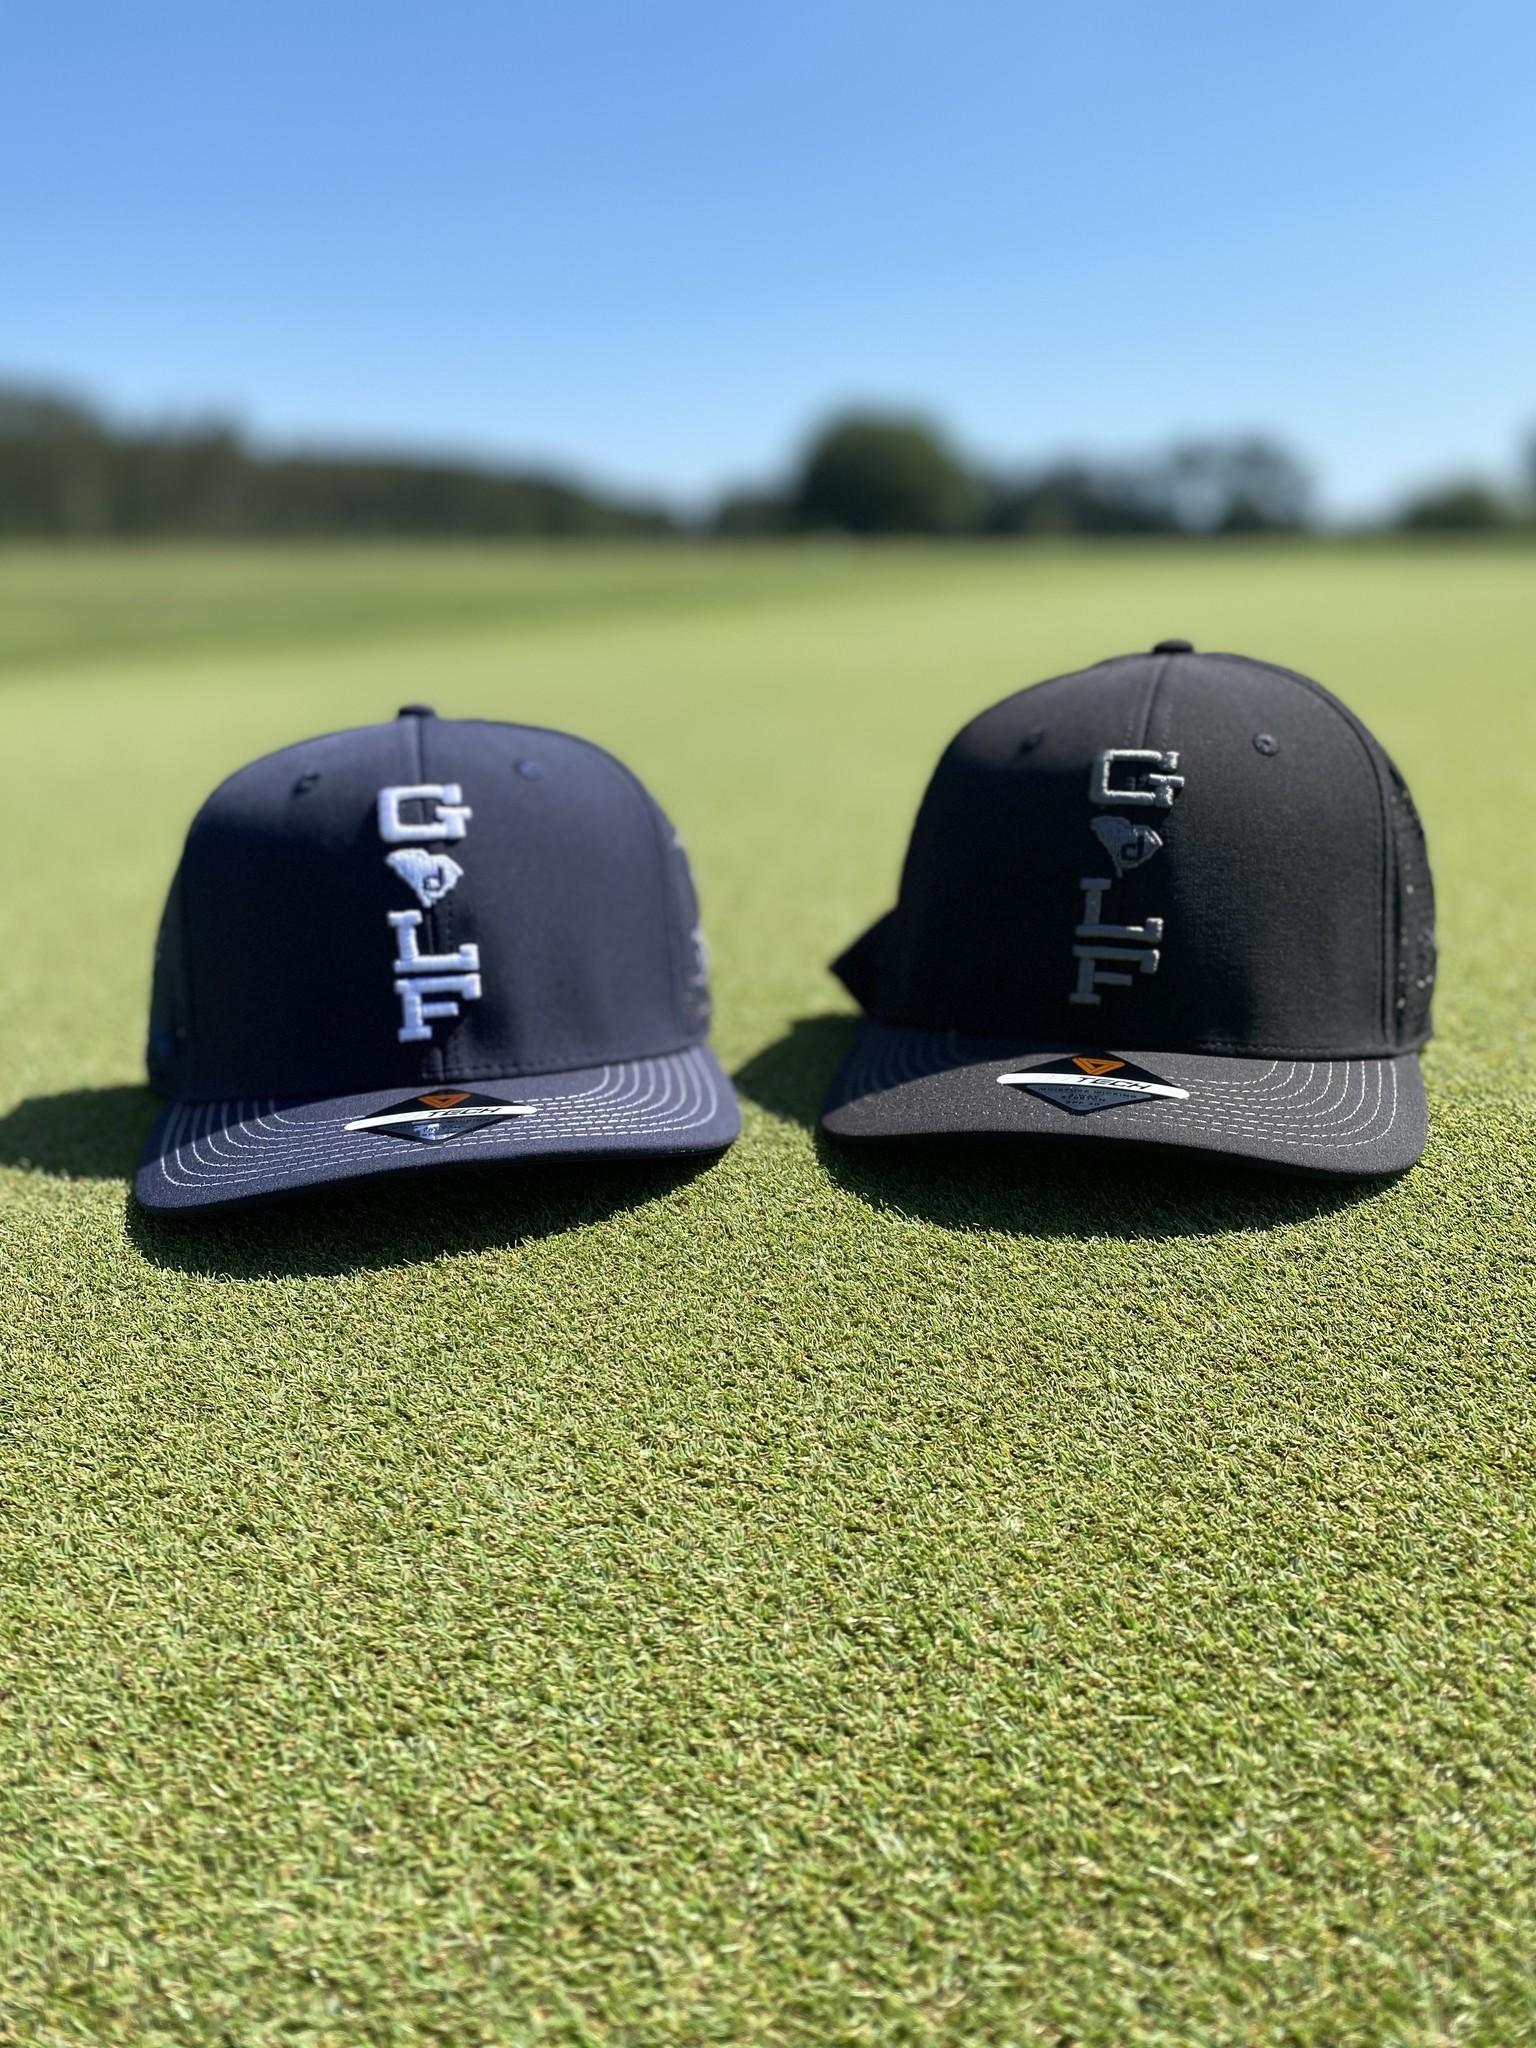 Pukka Hats